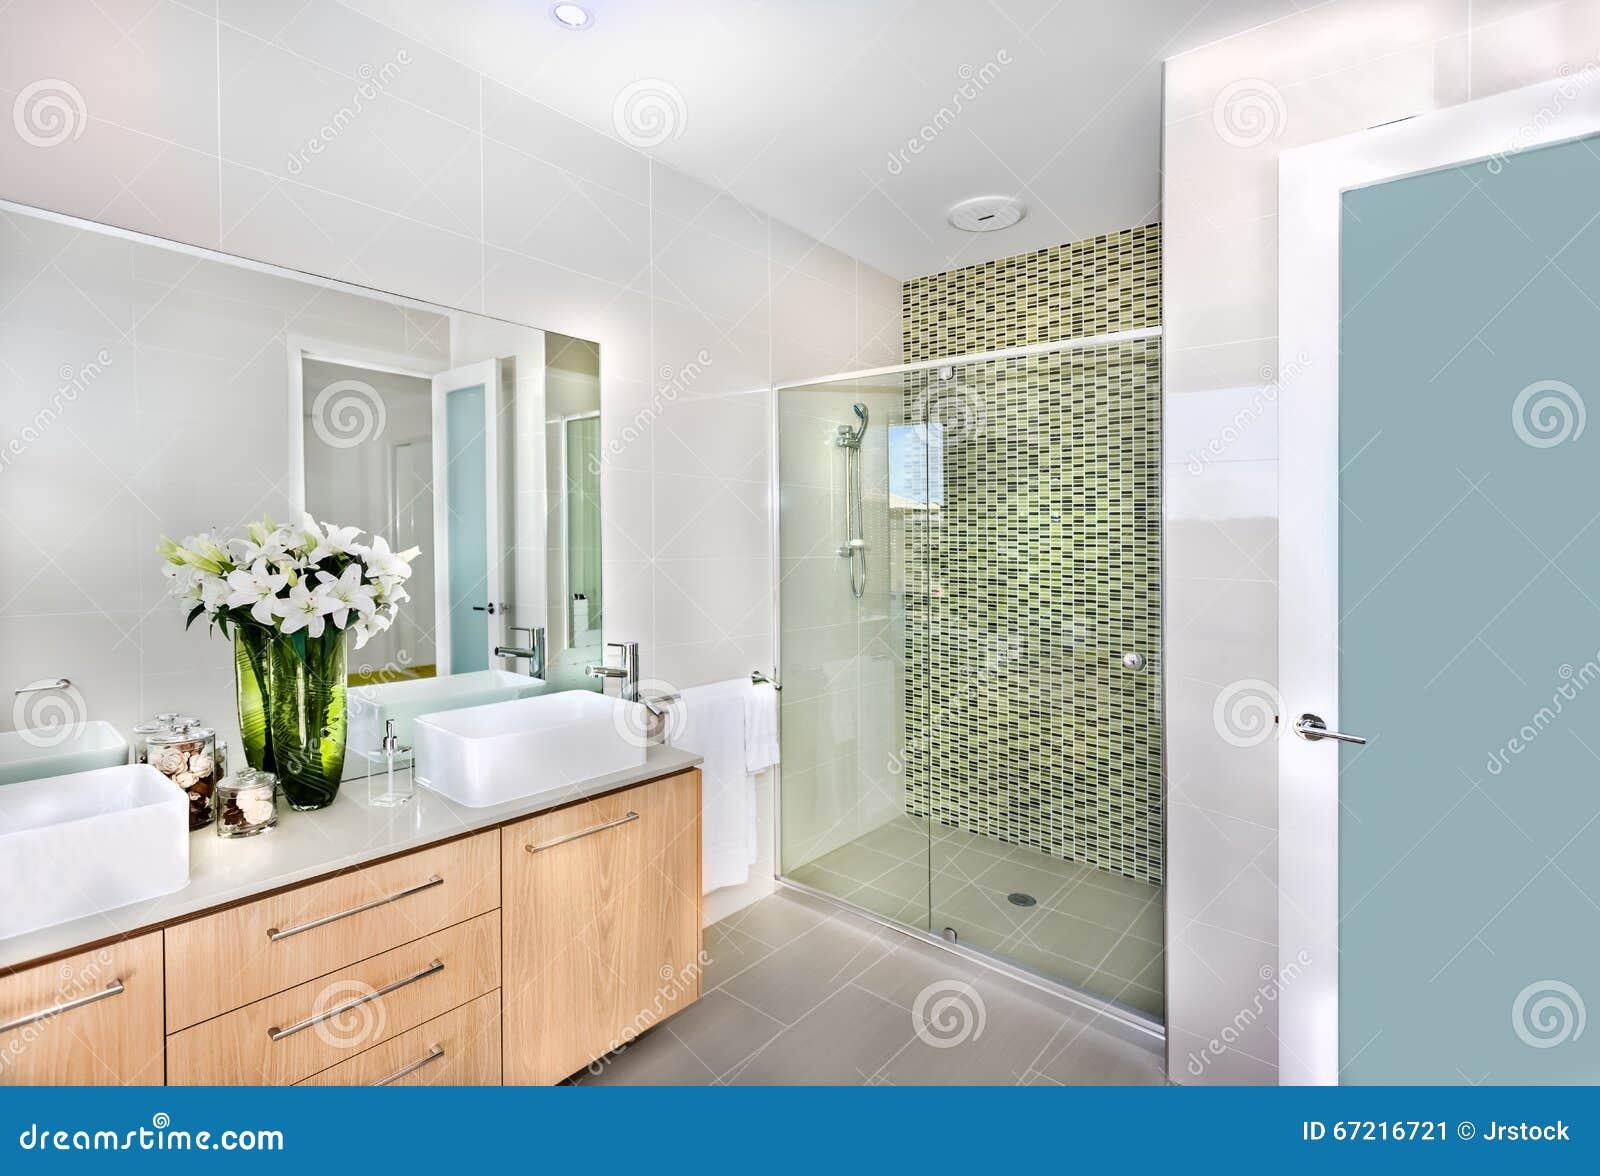 un bagno moderno con i fiori bianchi nel vaso fotografia stock ... - Bagni Bianchi Moderni